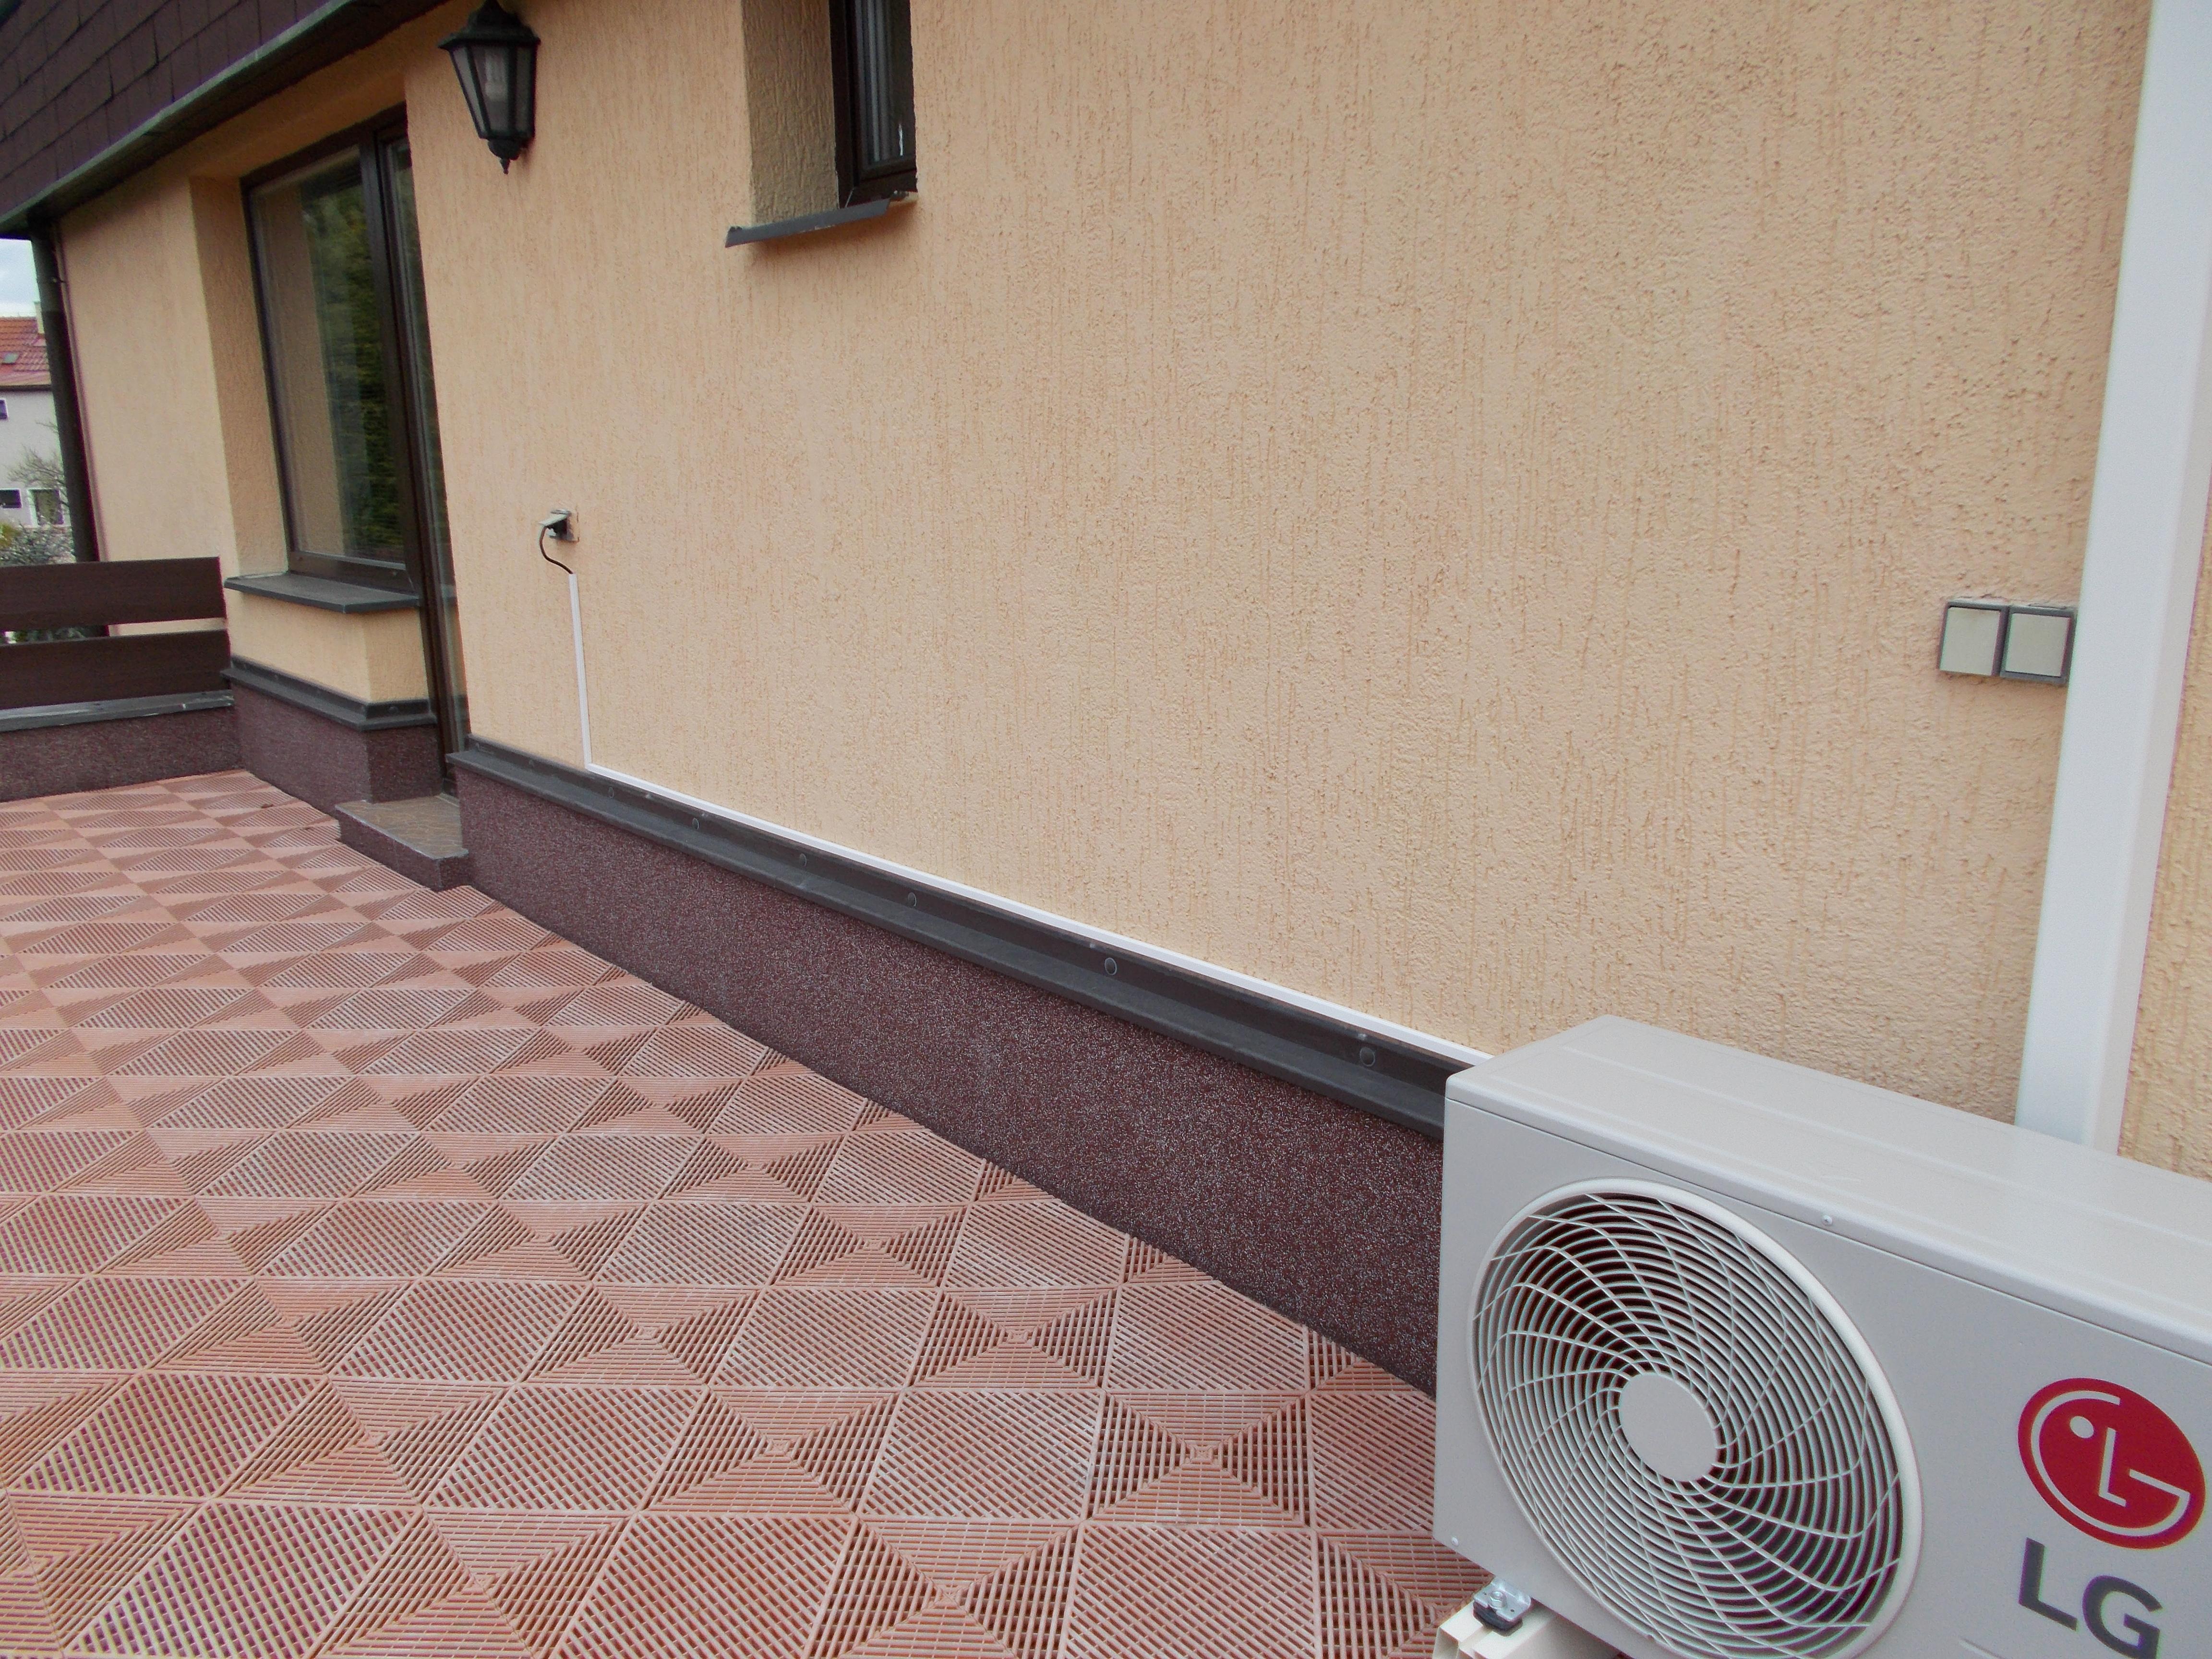 Montáž klimatizace - 1 venkovní + 1 vnitřní jednotka